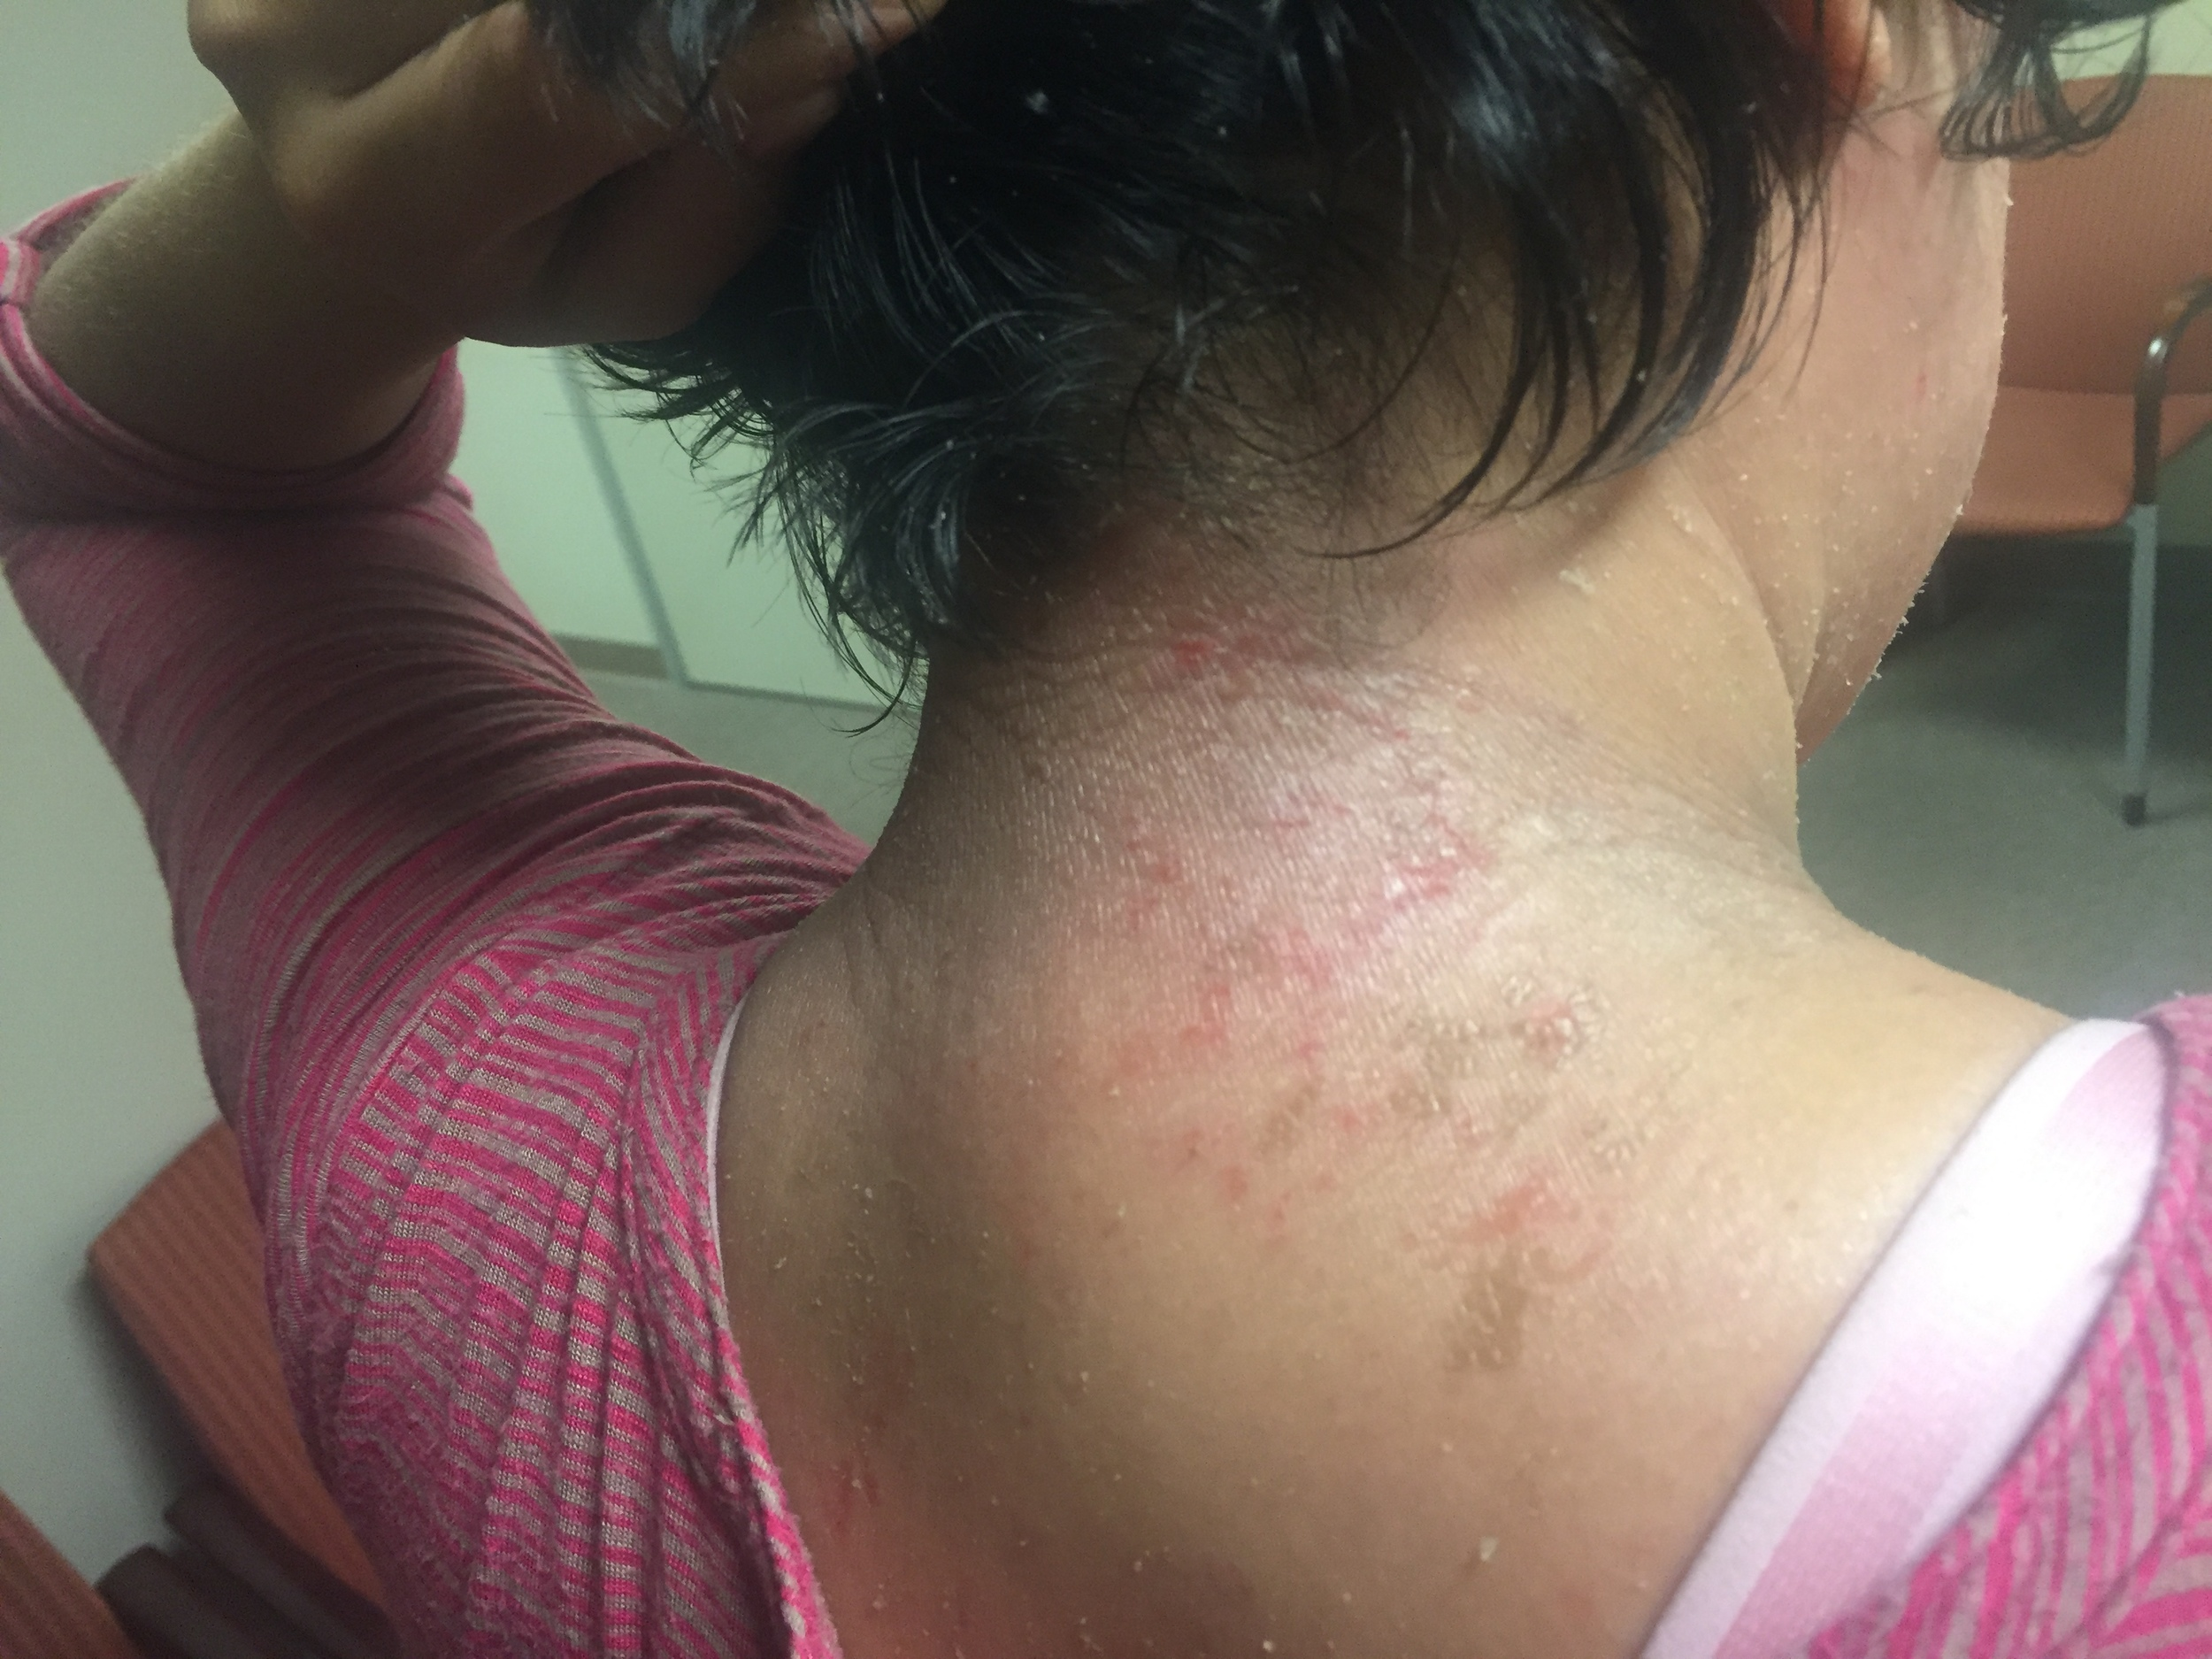 Eczema raw skin